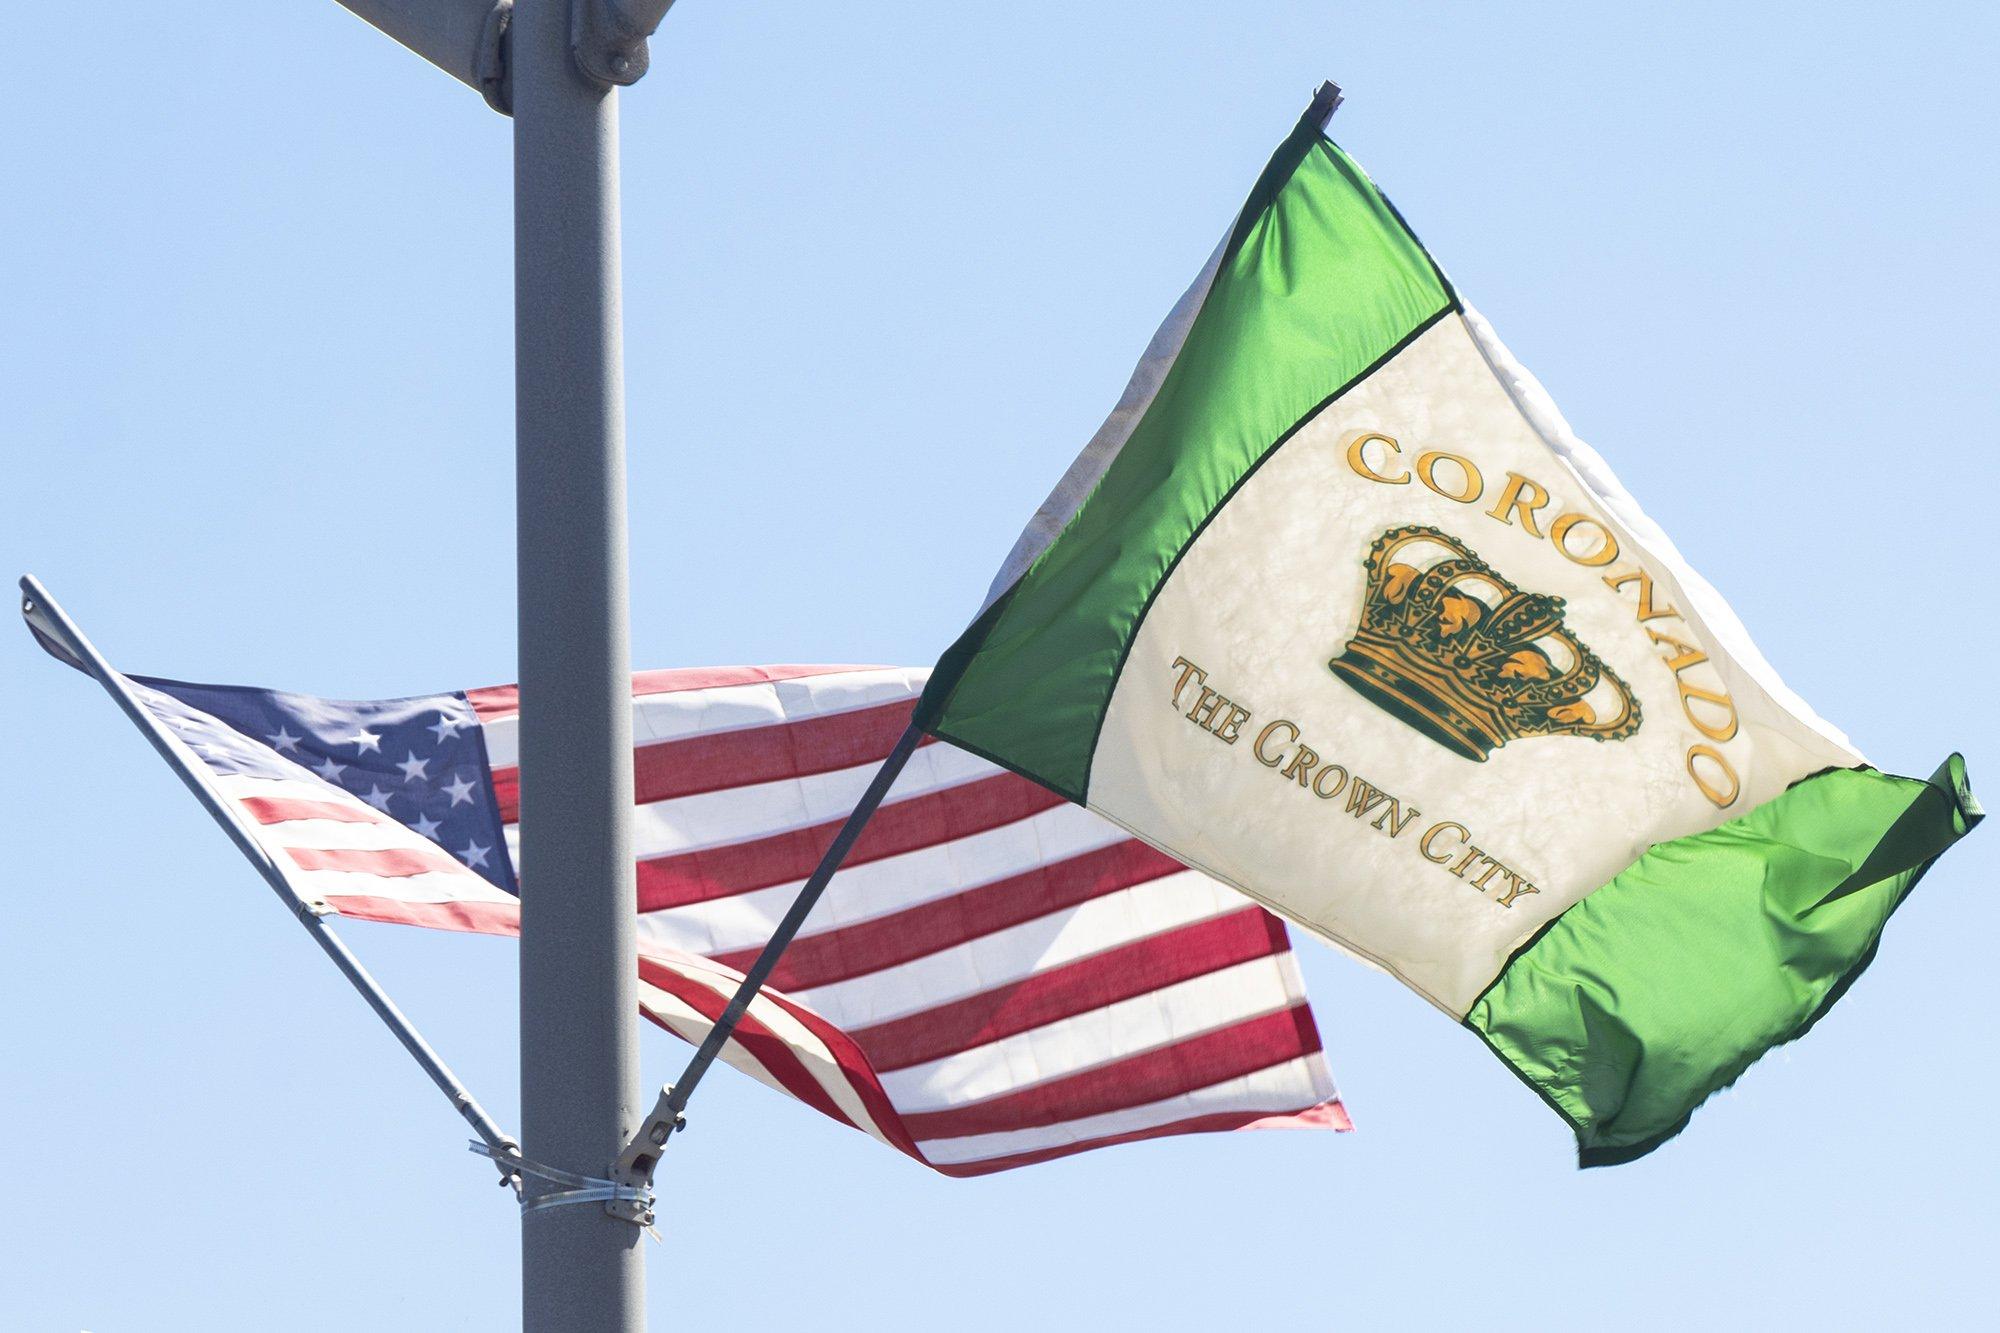 Coronado flag and USA flag